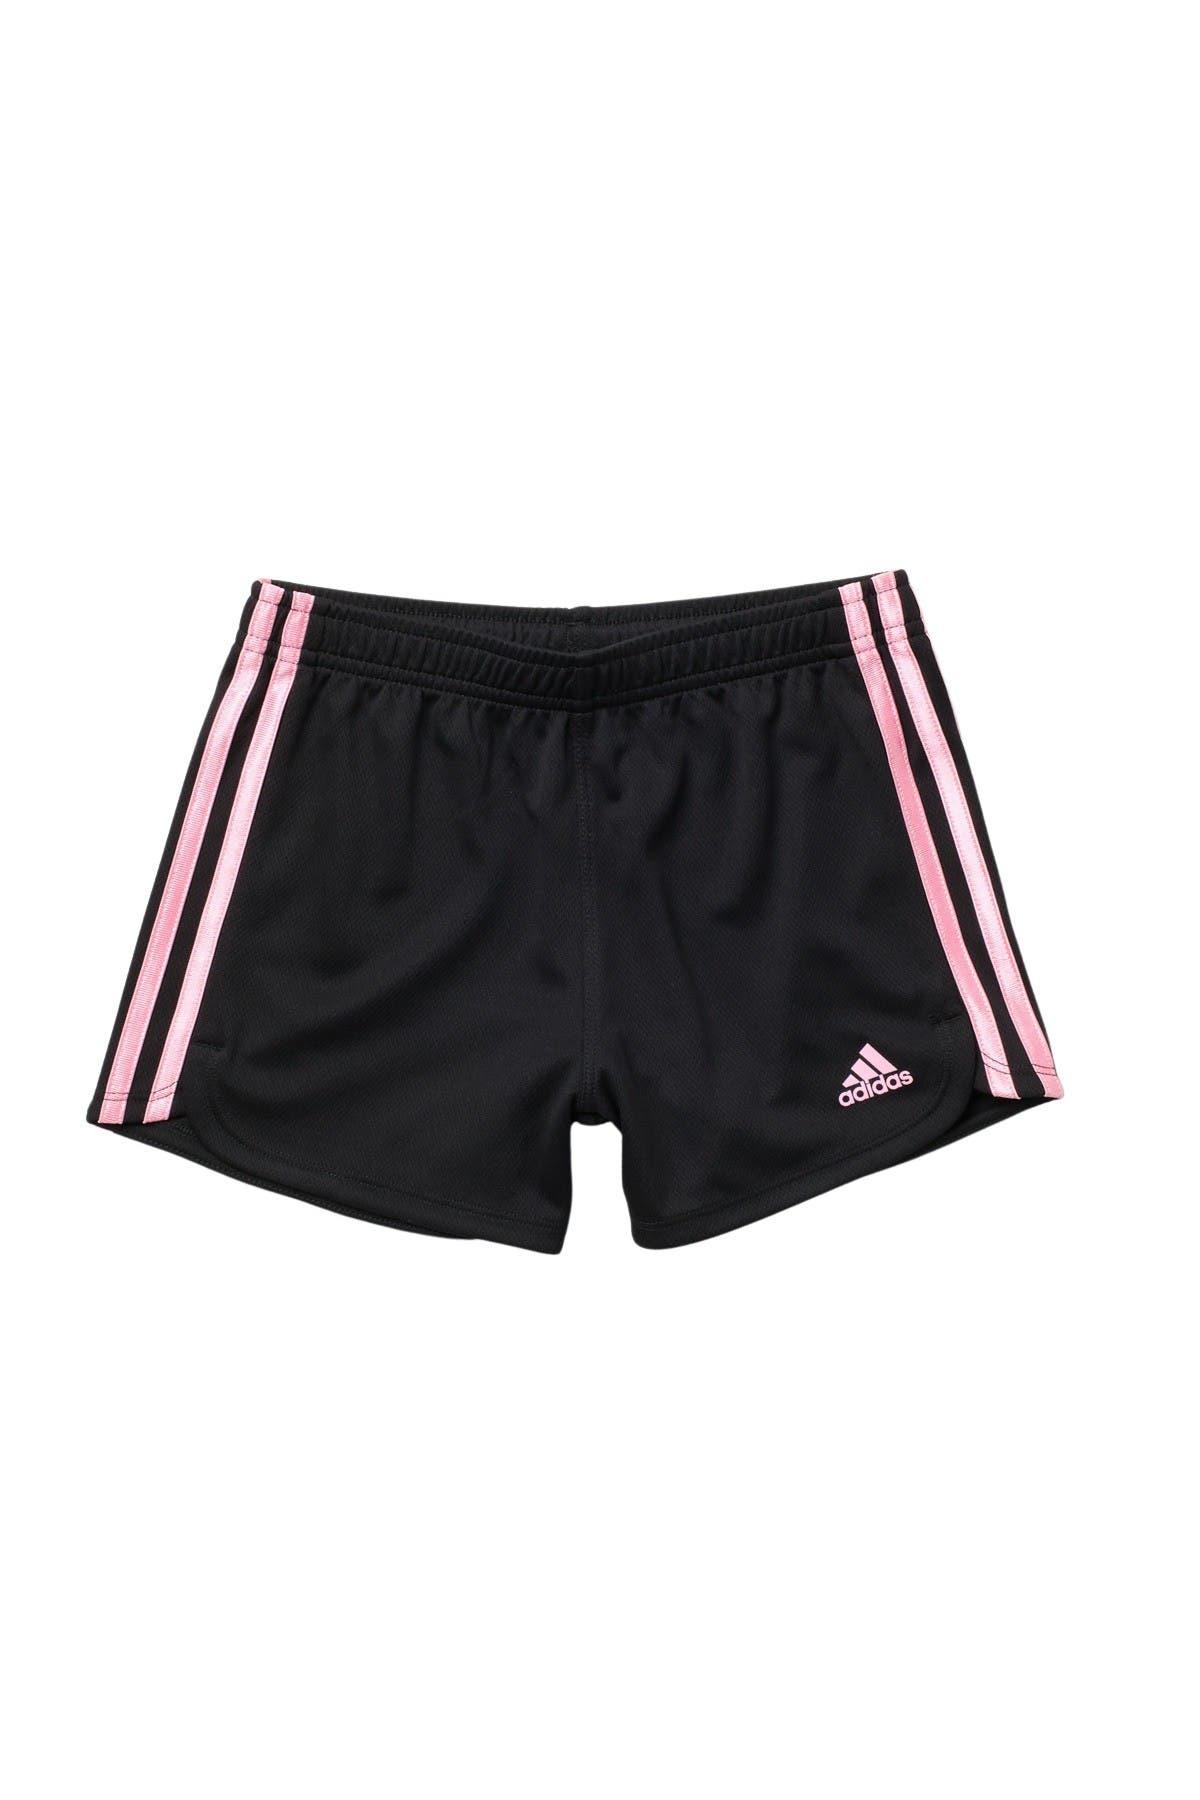 Image of adidas 3 Stripe Shorts